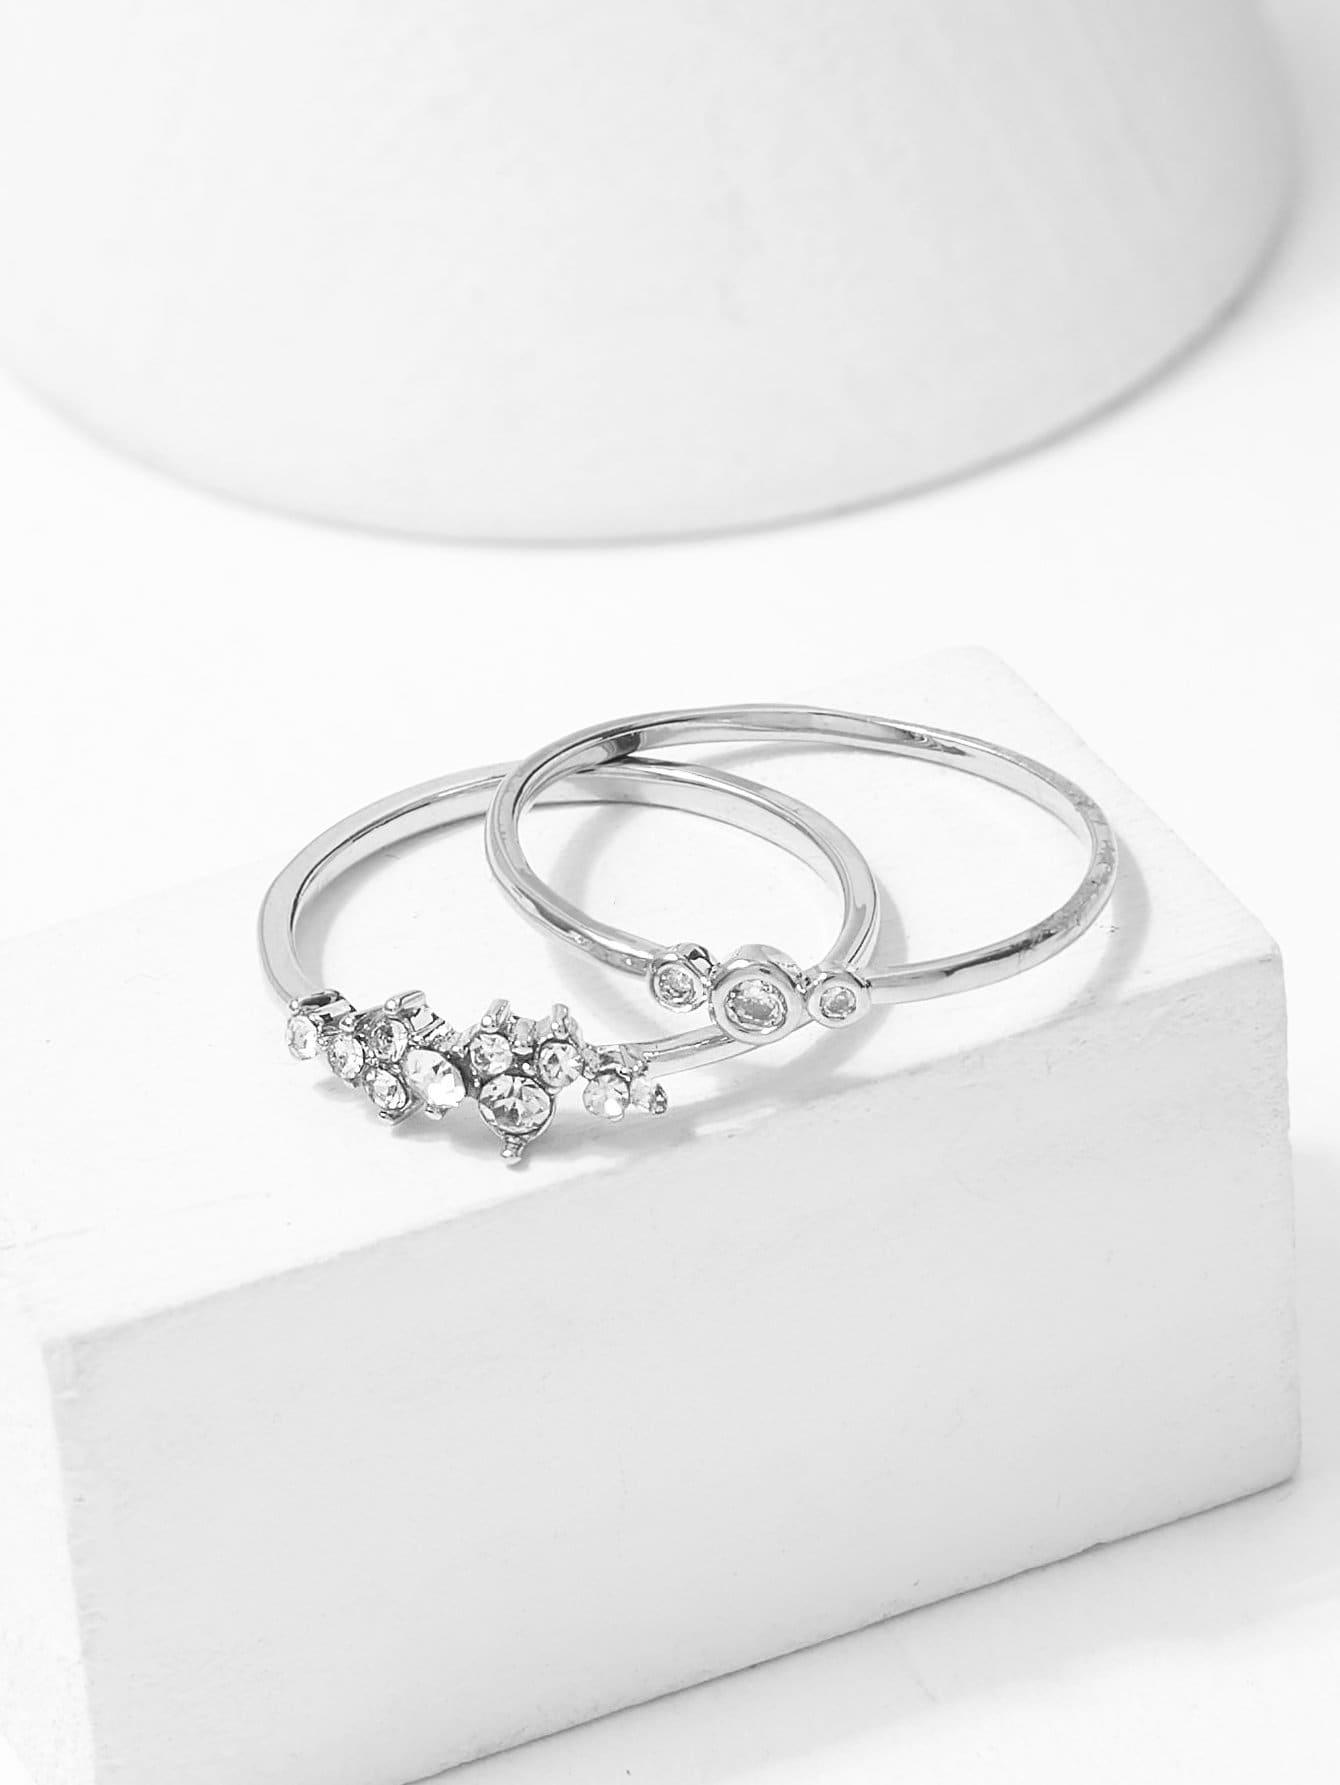 Rhinestone Decorated Ring Set 2pcs